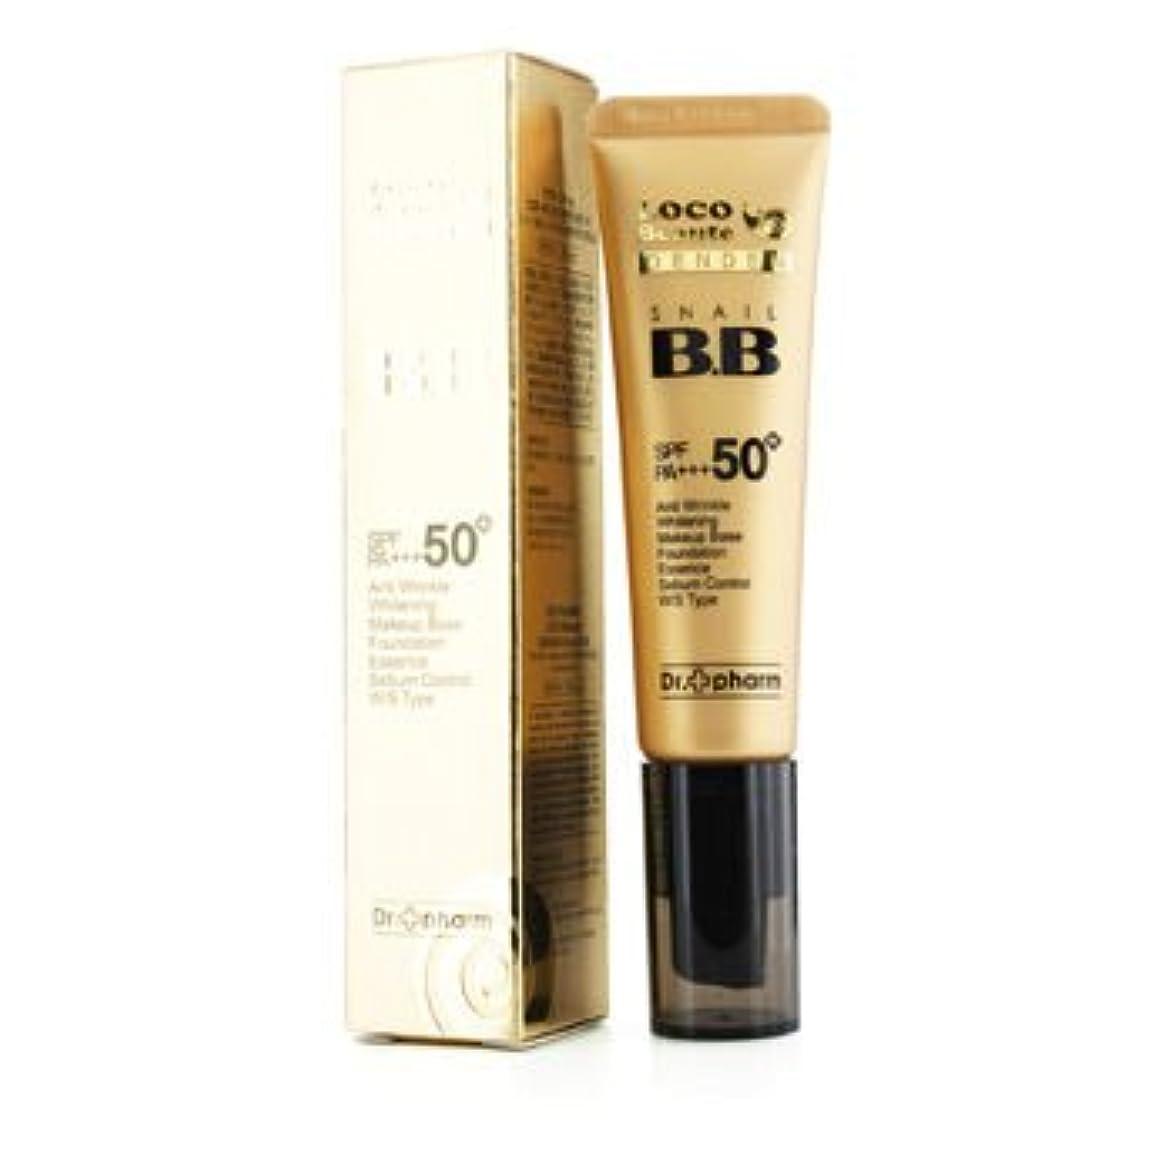 Dr. Pharm LOCO Beaute DenDen Snail BB Cream SPF5030ml/1oz並行輸入品